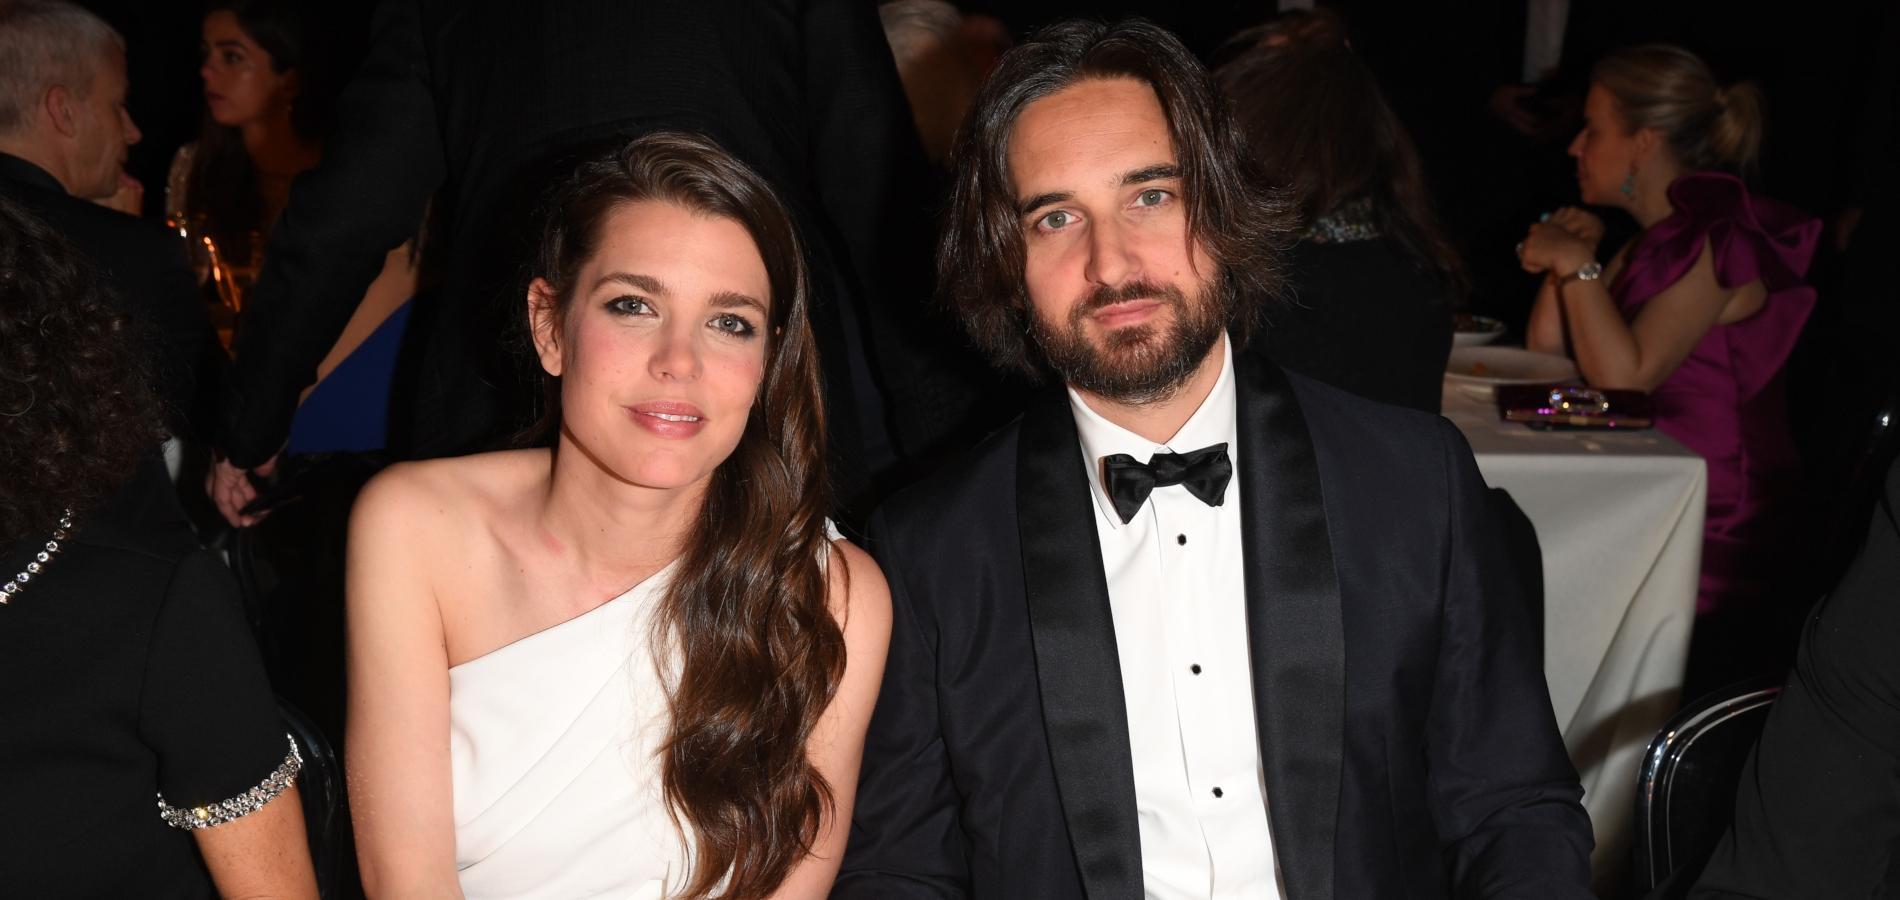 Mariage à Monaco  Charlotte Casiraghi épouse Dimitri Rassam